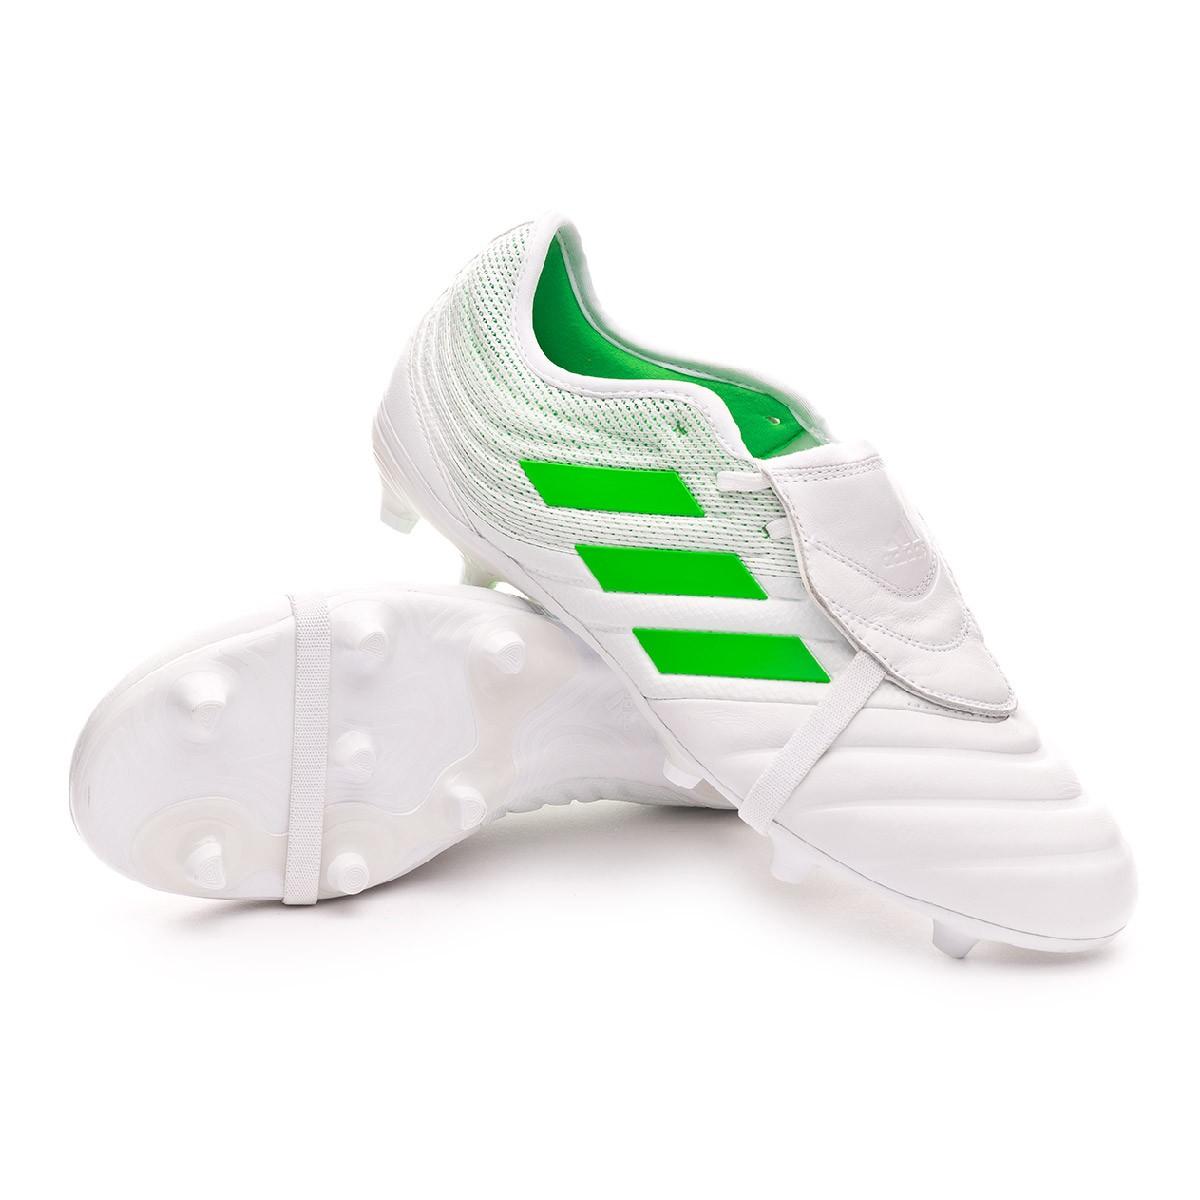 Scarpe adidas Copa Gloro 19.2 FG White Solar lime Negozio